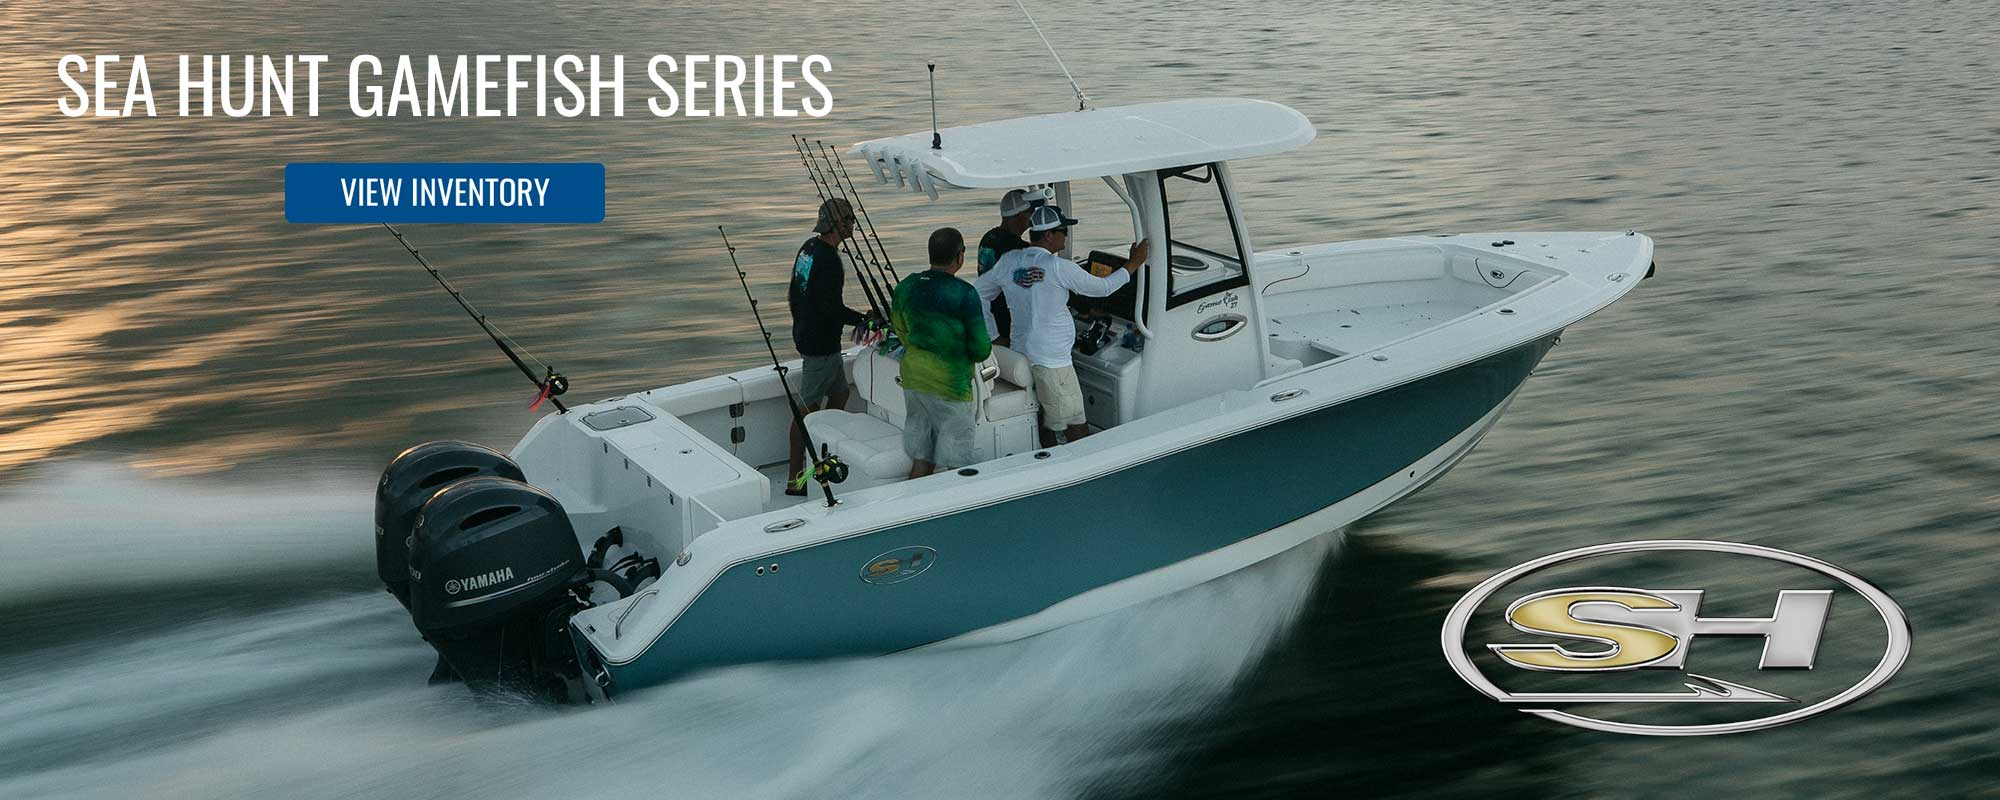 Sea Hunt Gamefish series in open water